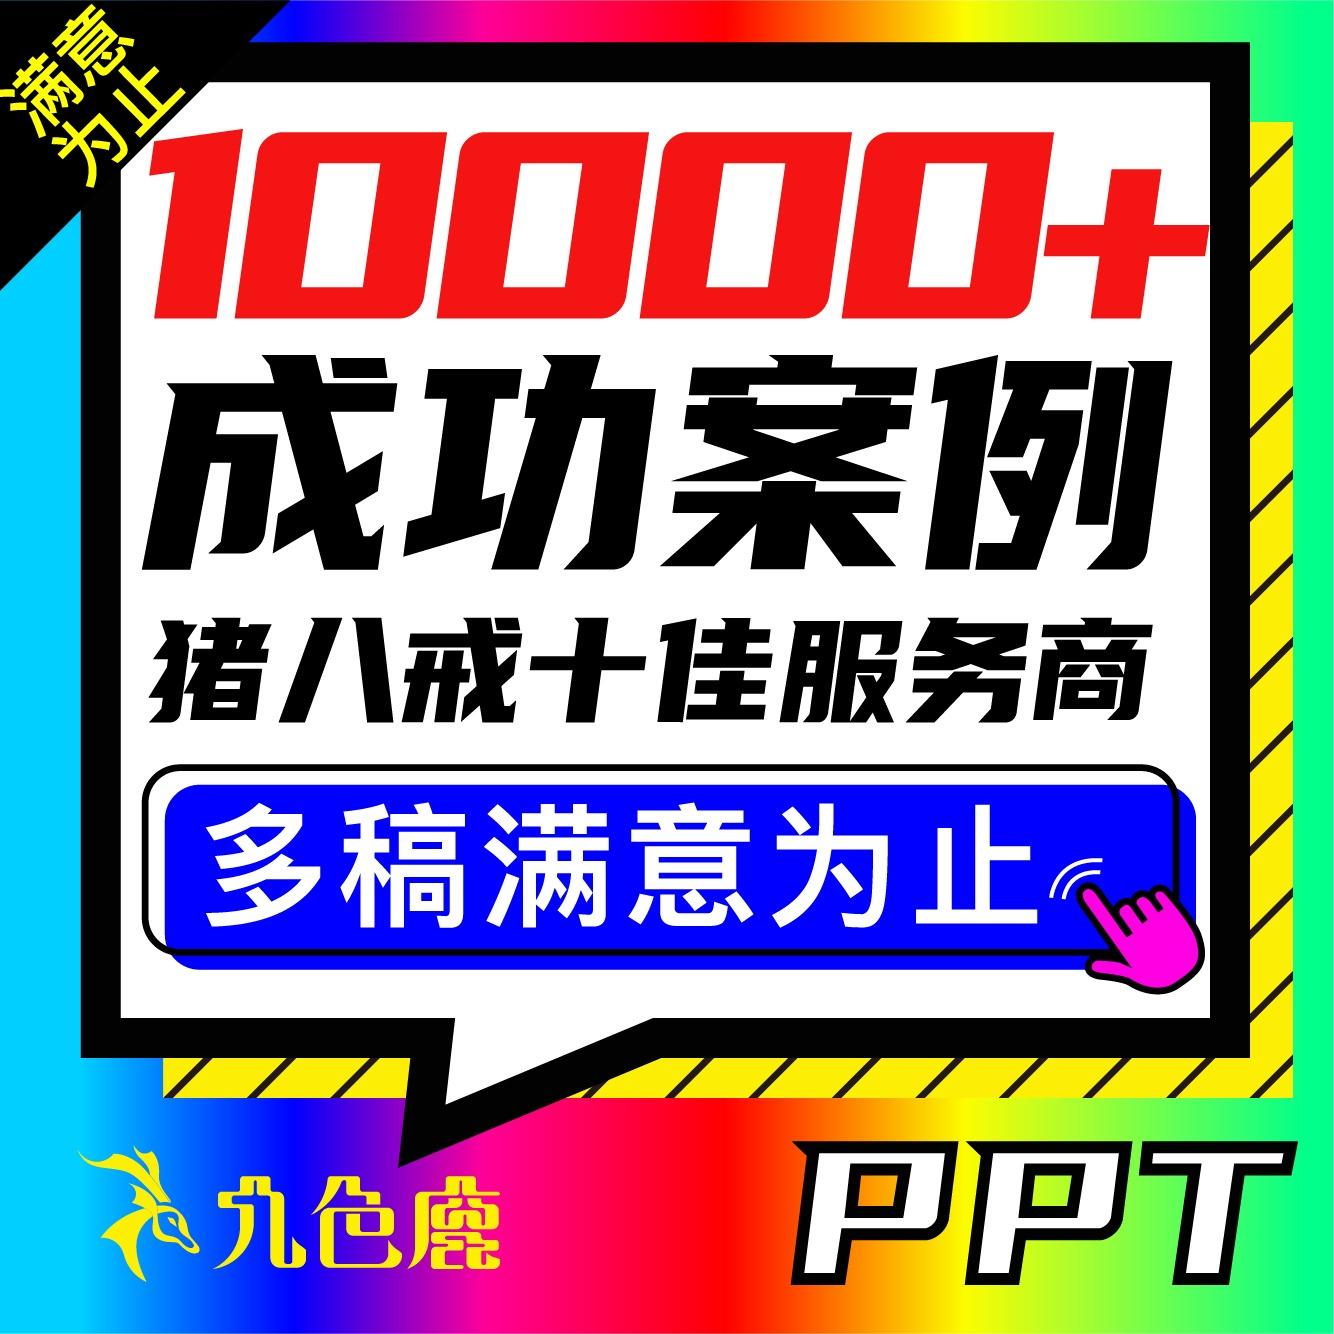 资深插画 PPT 设计 PPT 定制作教育培训企业培训创意设计商务风